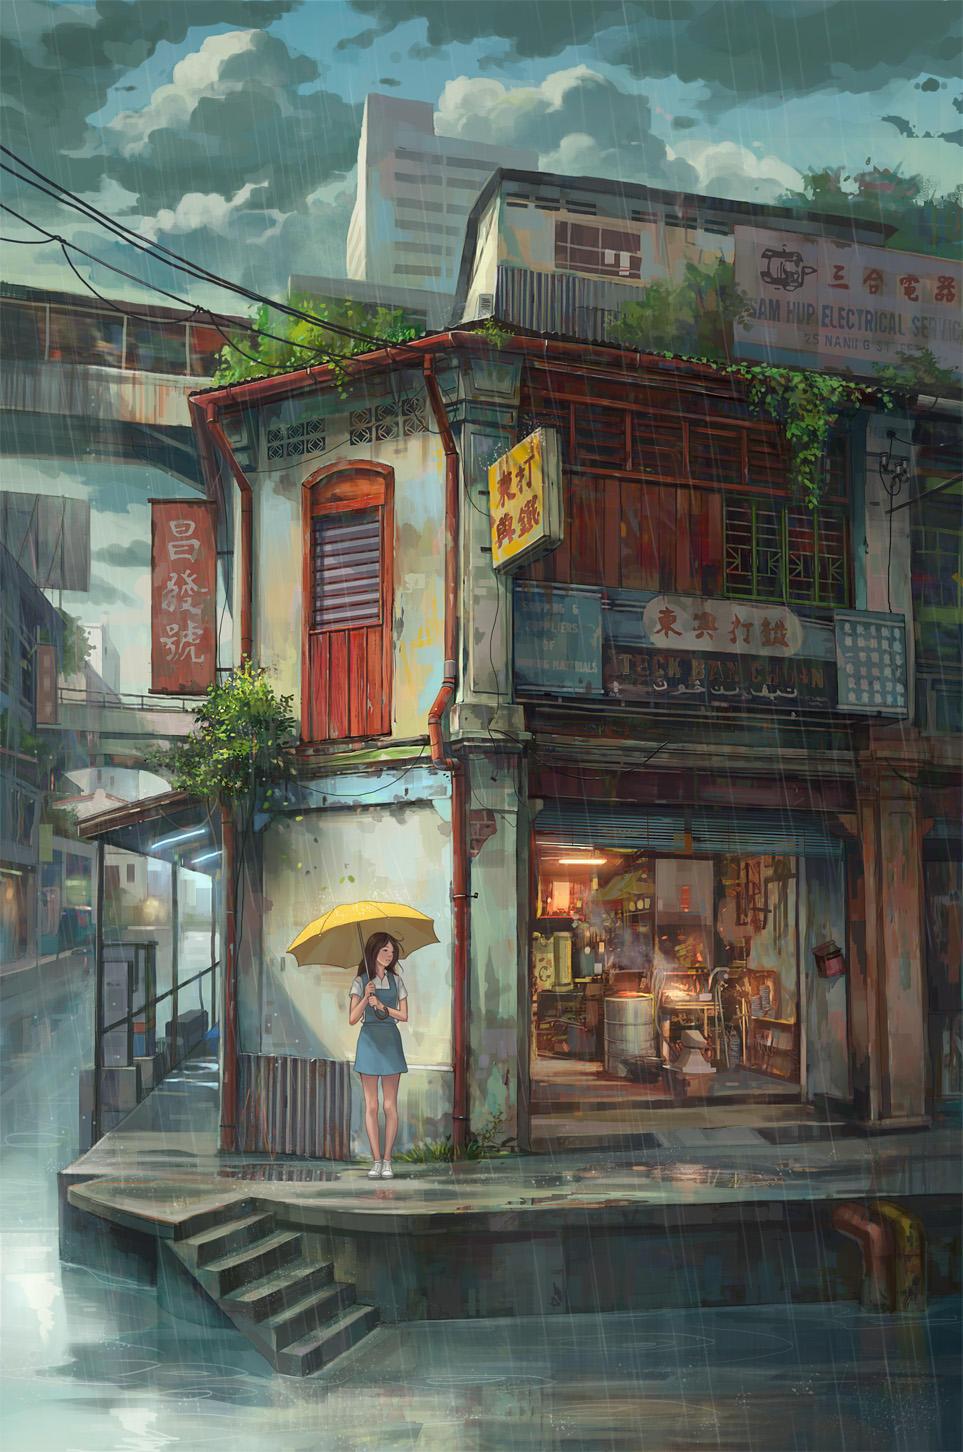 Rain by FeiGiap